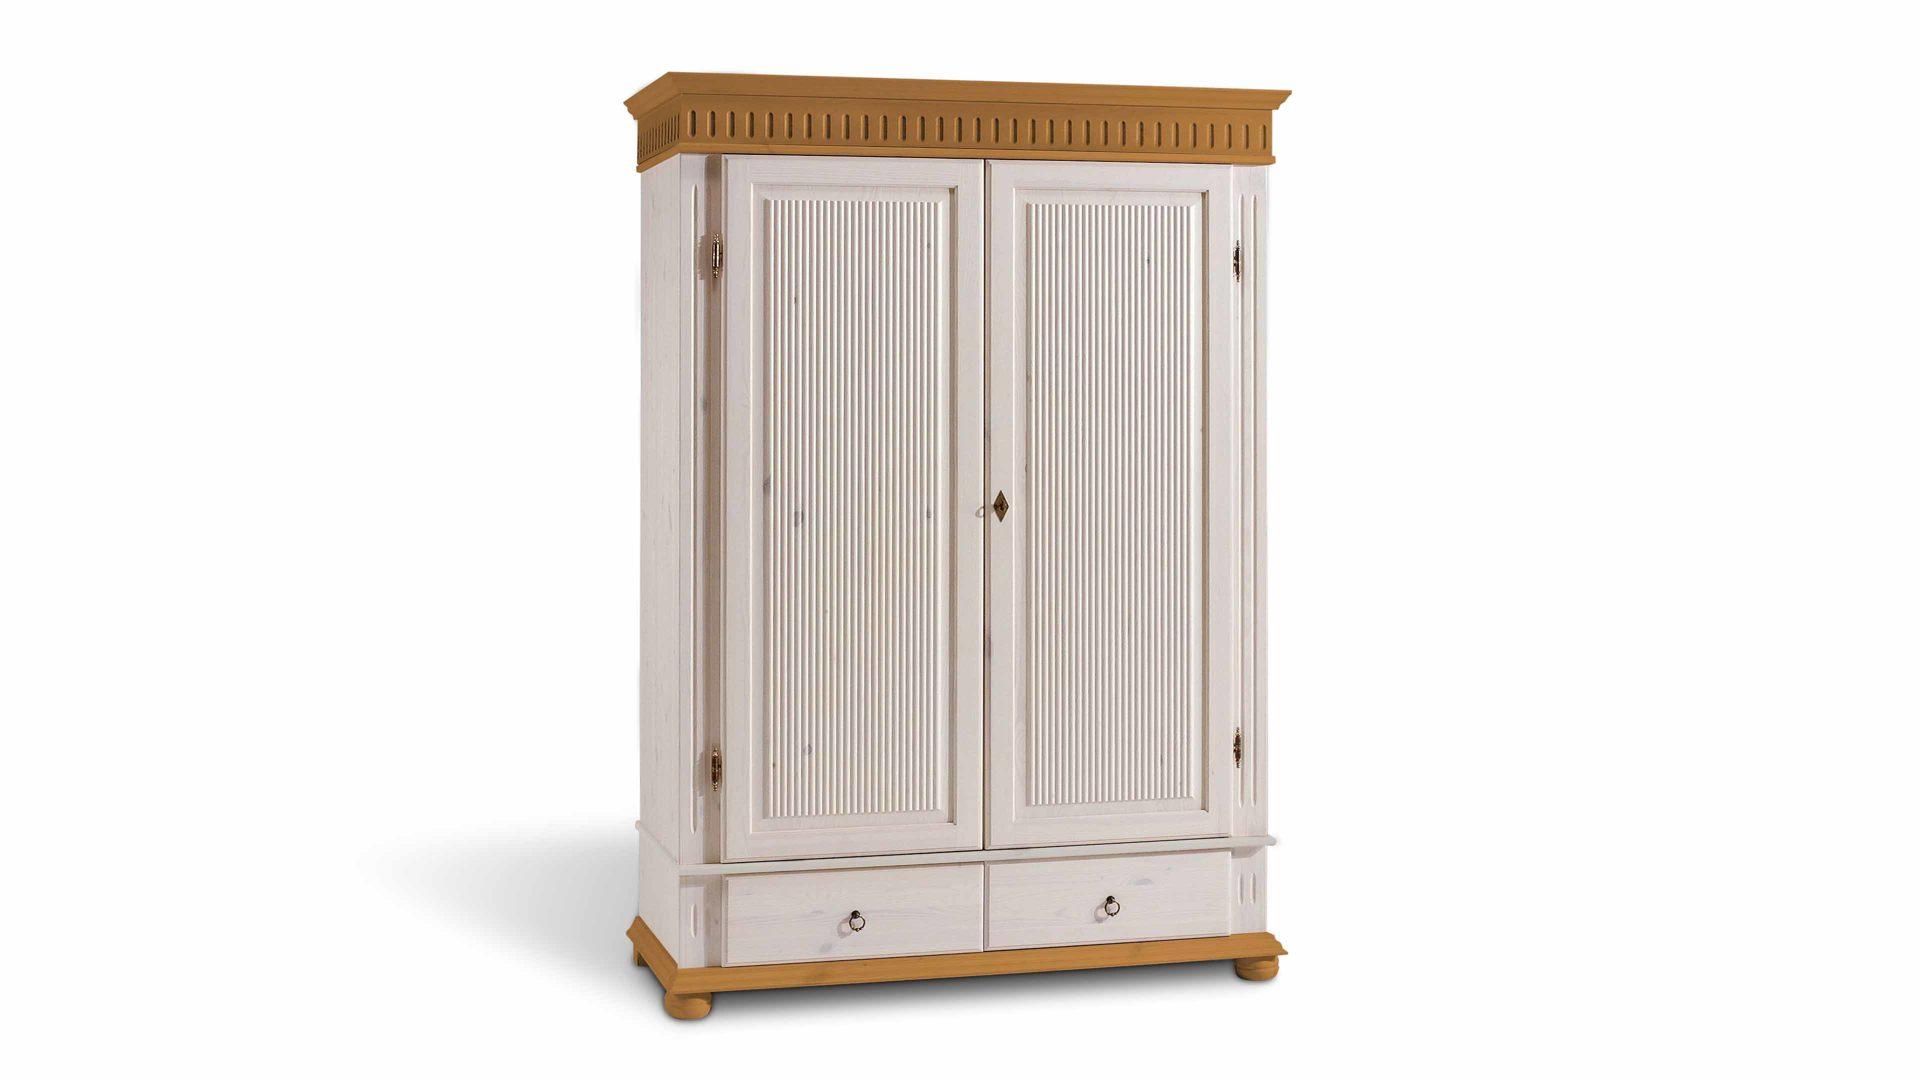 Kleiderschrank Euro Diffusion Aus Holz In Weiß Kleiderschrank Für Modern  Eingerichtete Schlafzimmer Weiß Lackiertes U0026 Antikfarbenes